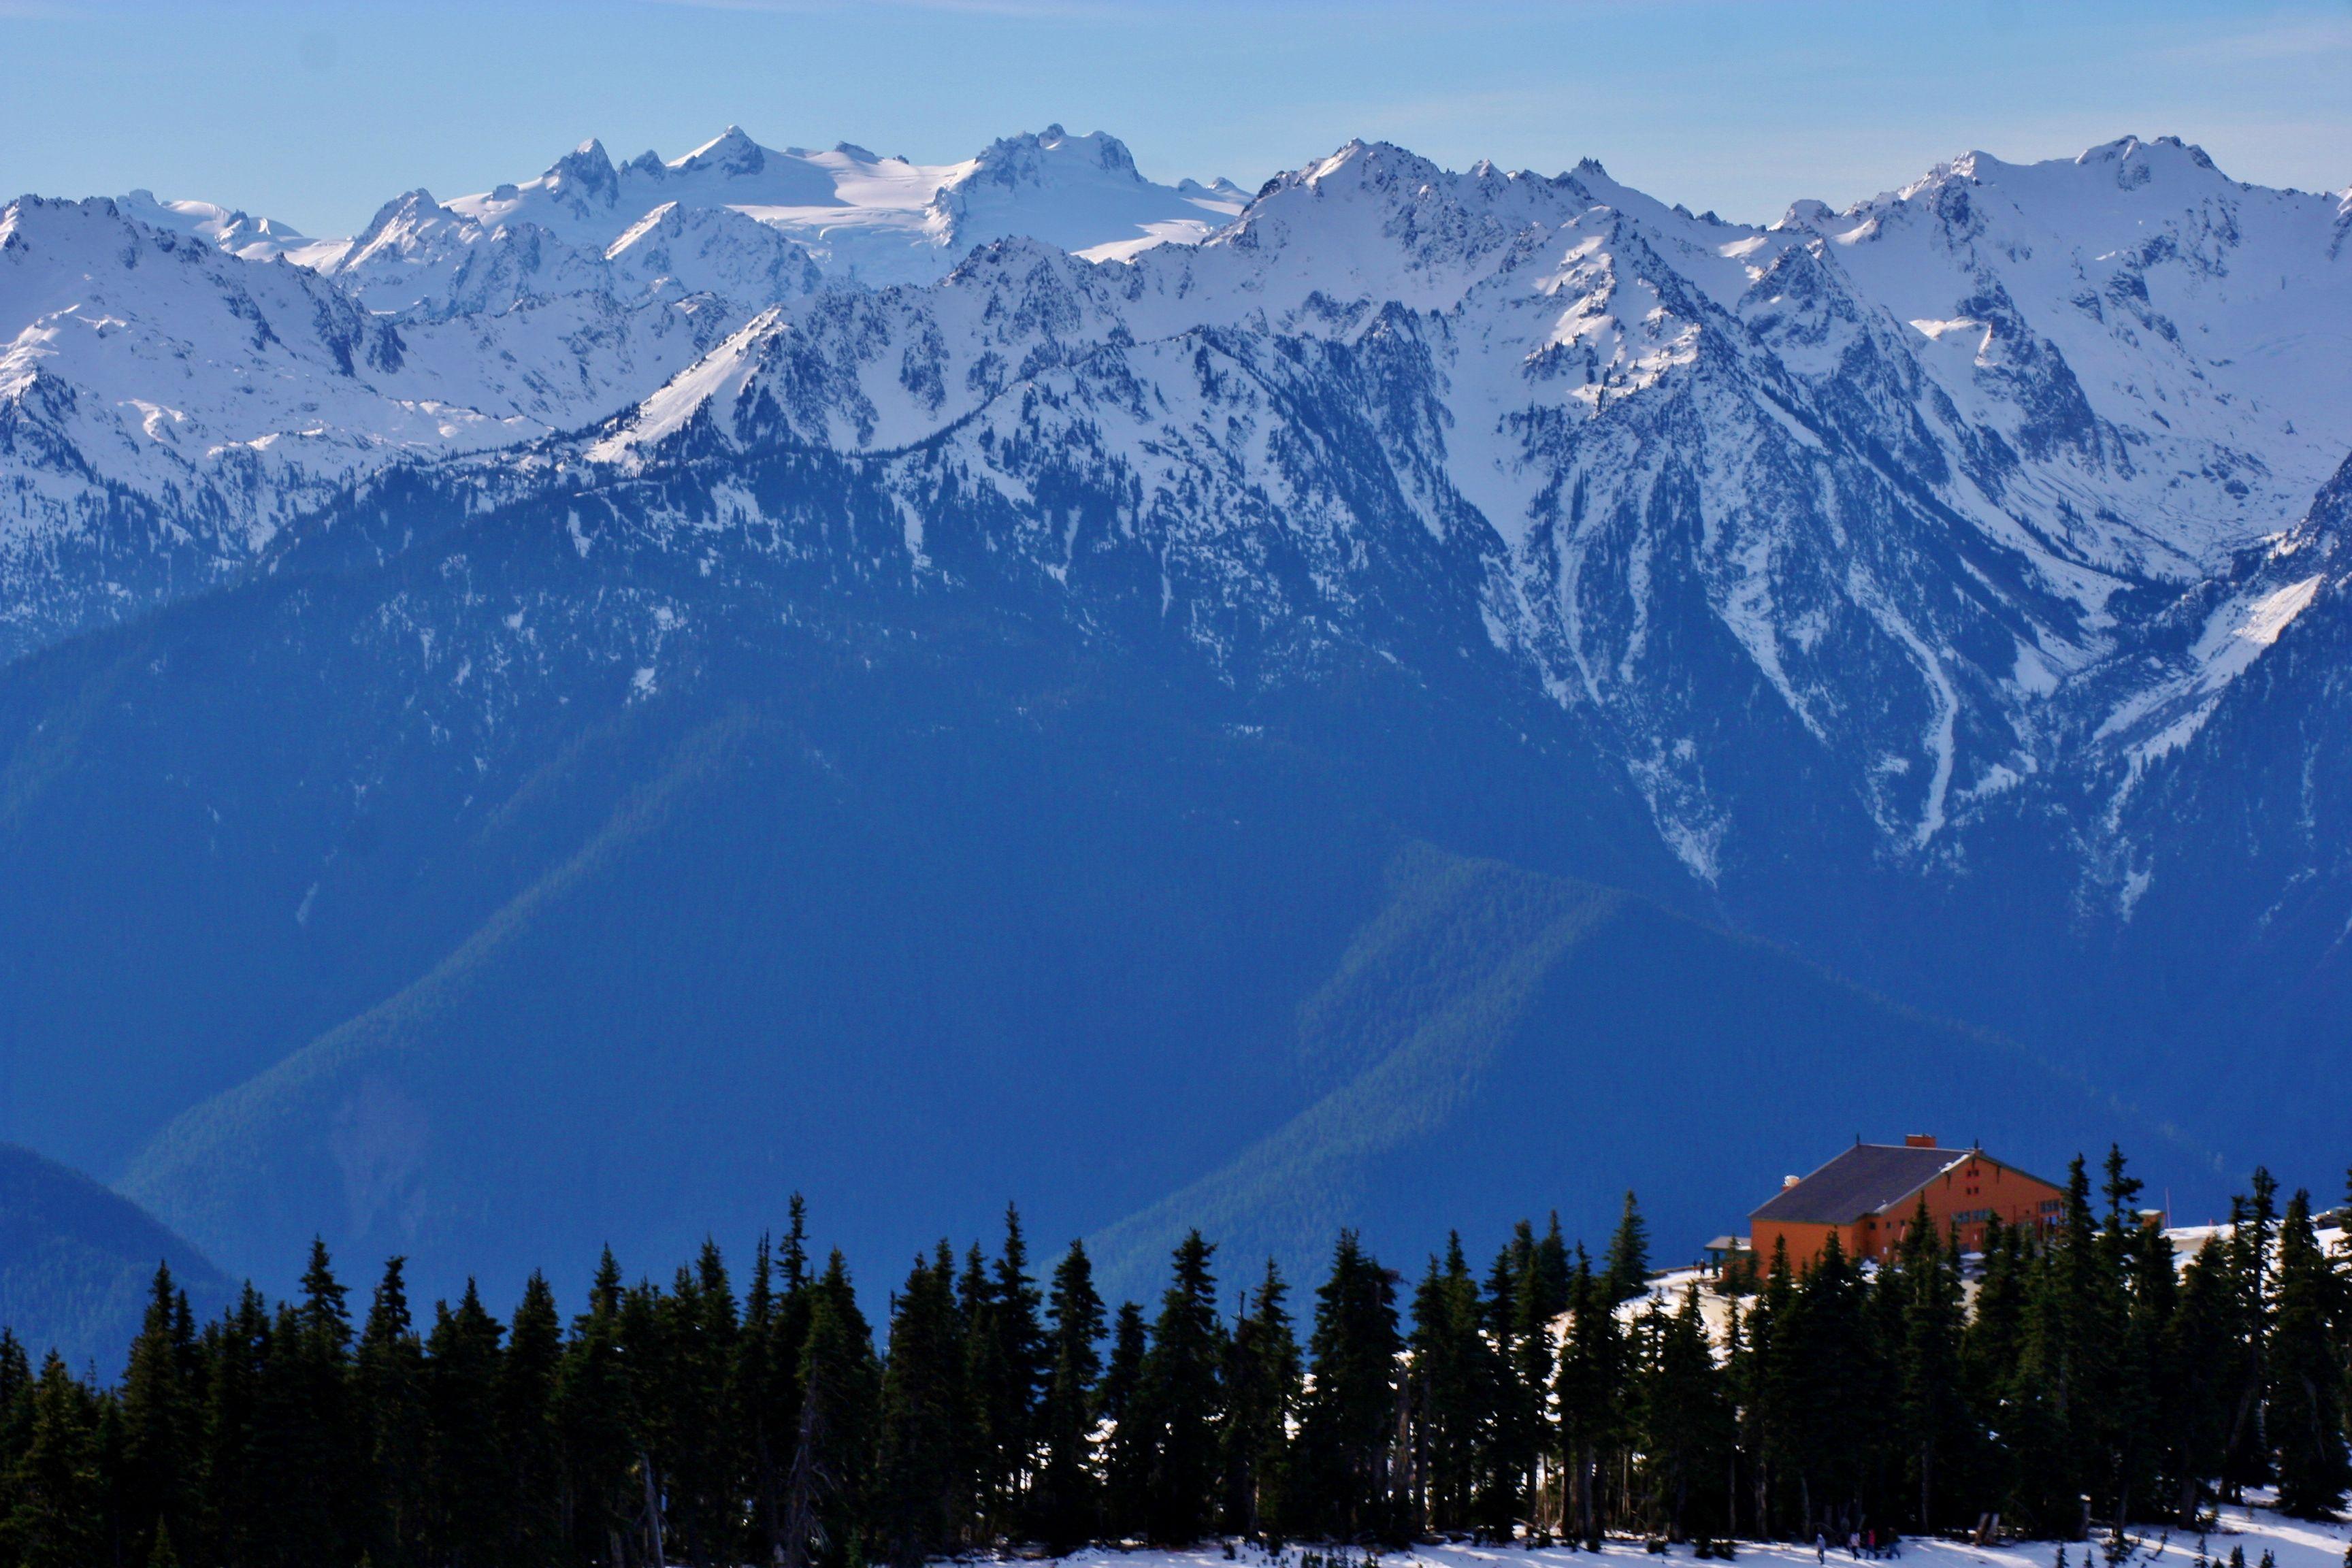 ridge mountains pinterest - photo #31